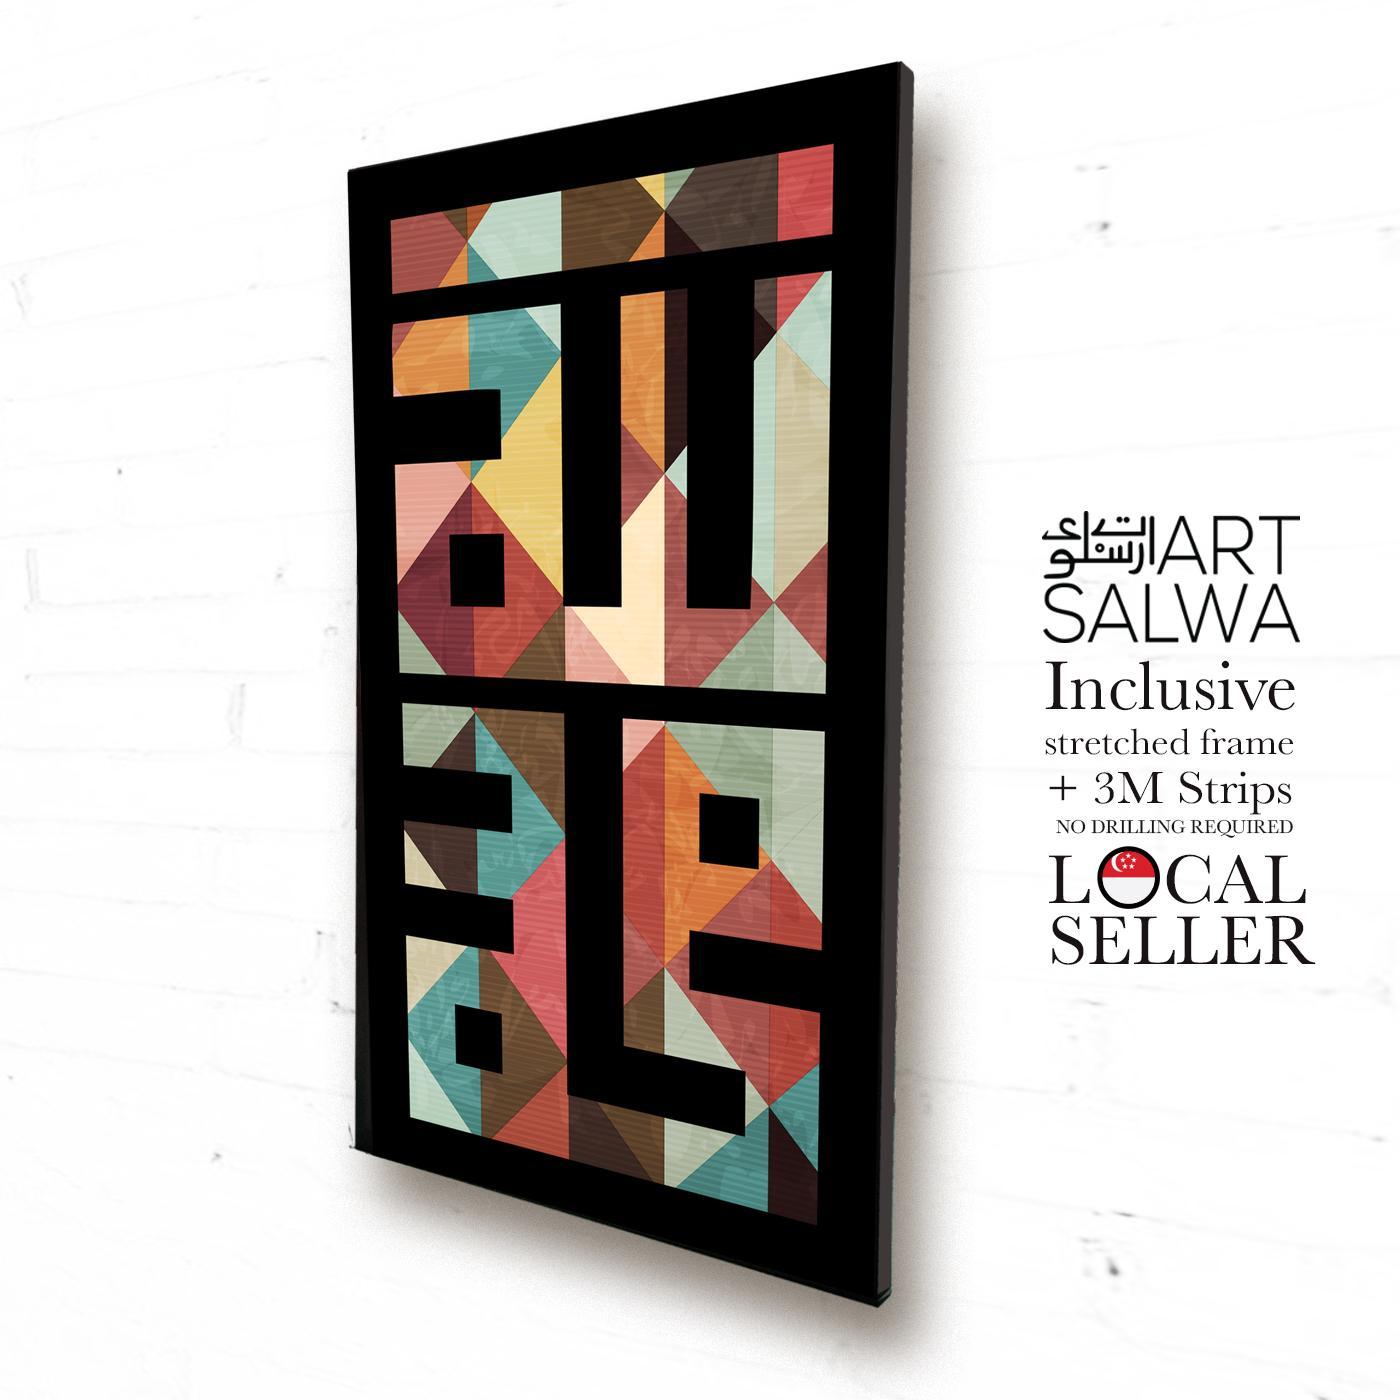 Islamic Ayat Frame Kalimah Canvas stretched Islam Artsalwa